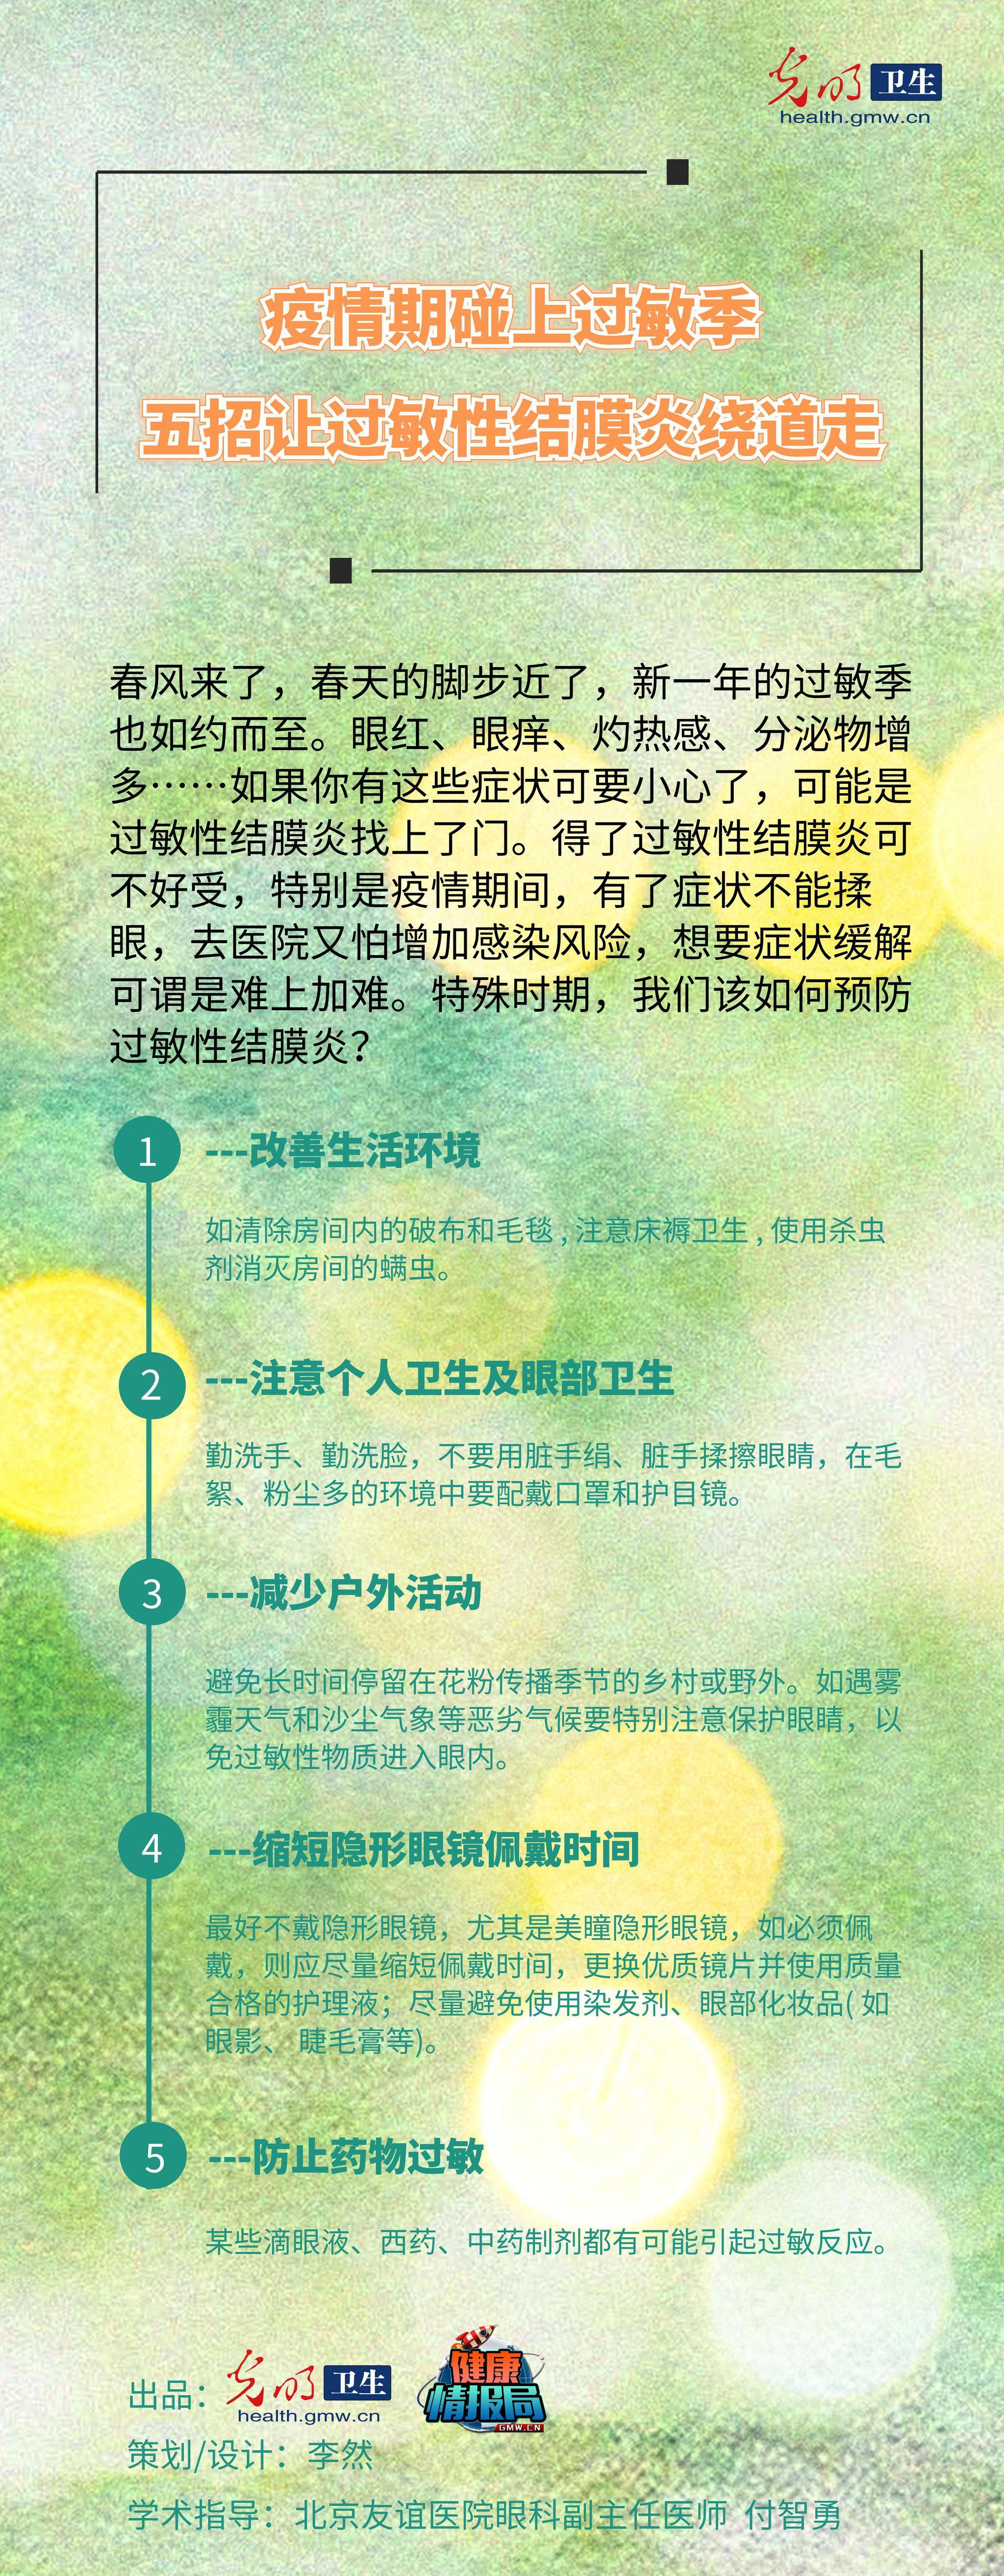 [一图读懂]疫情季碰上过敏季 五招让过敏性结膜炎绕道走